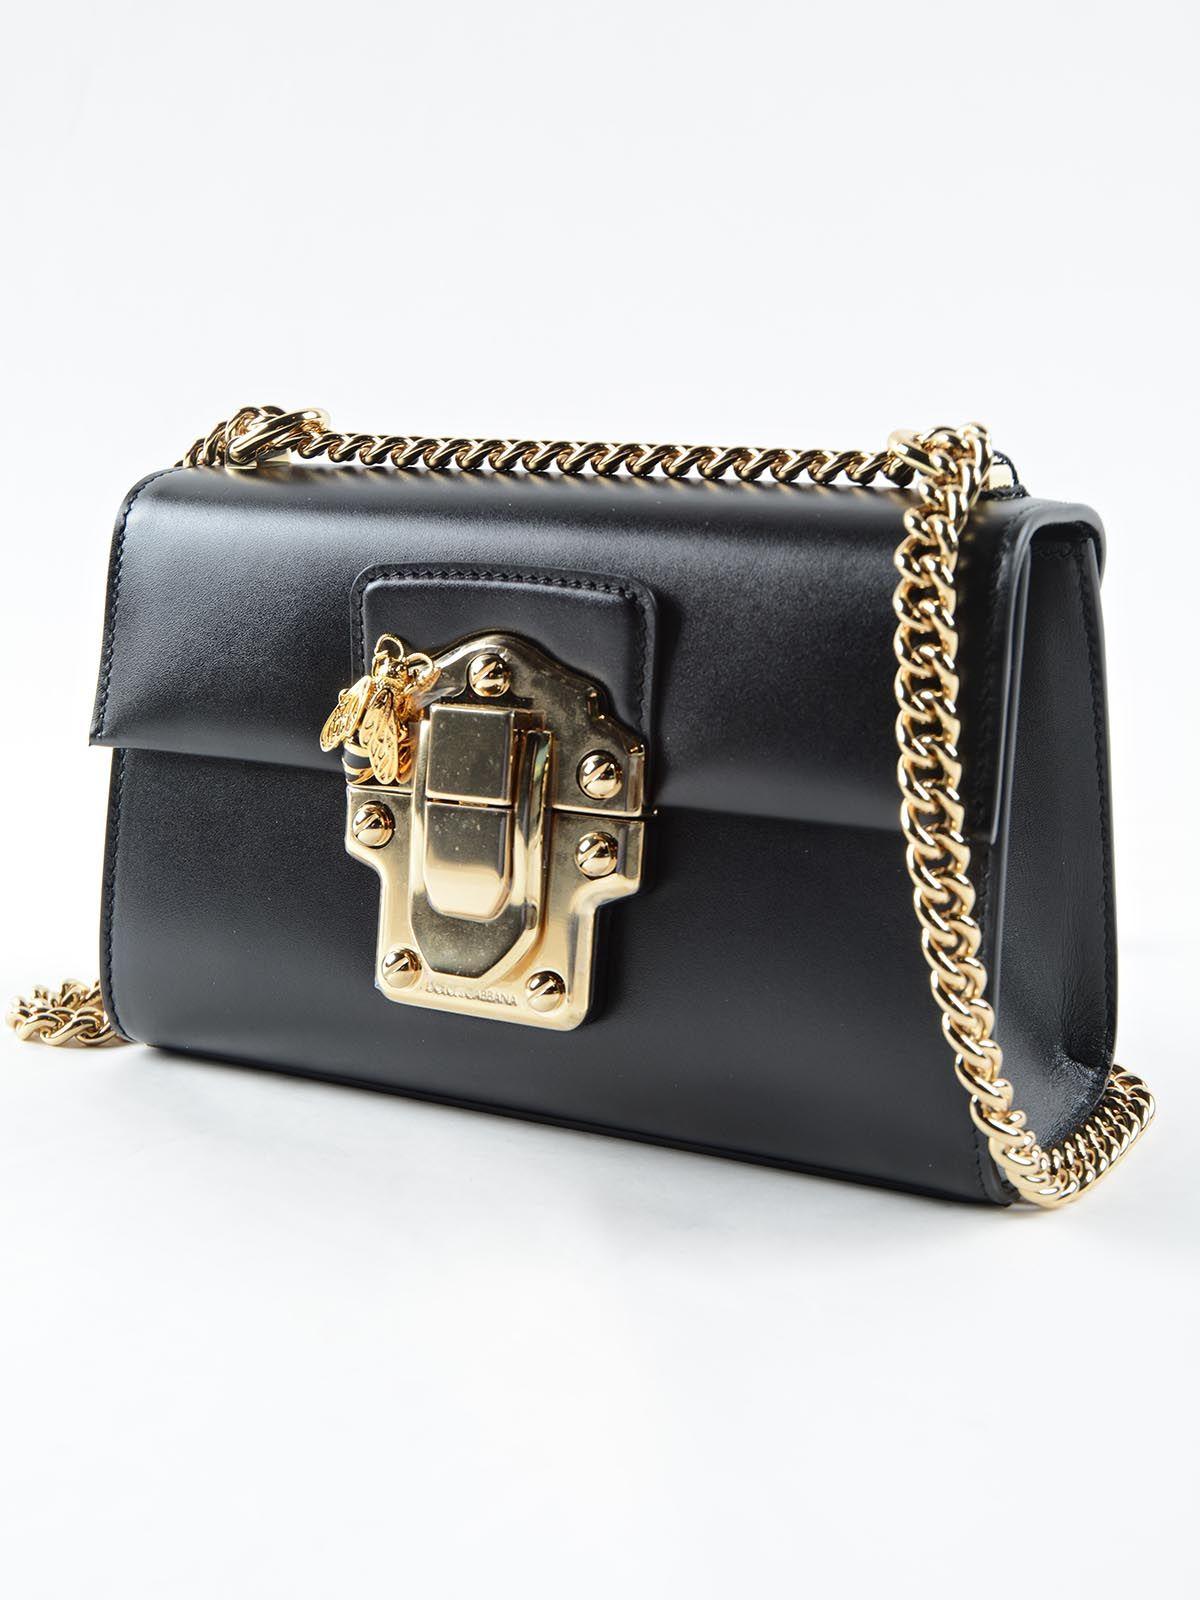 3a214b349b14 Calf Leather · DOLCE GABBANA.-BORSA A SPALLA